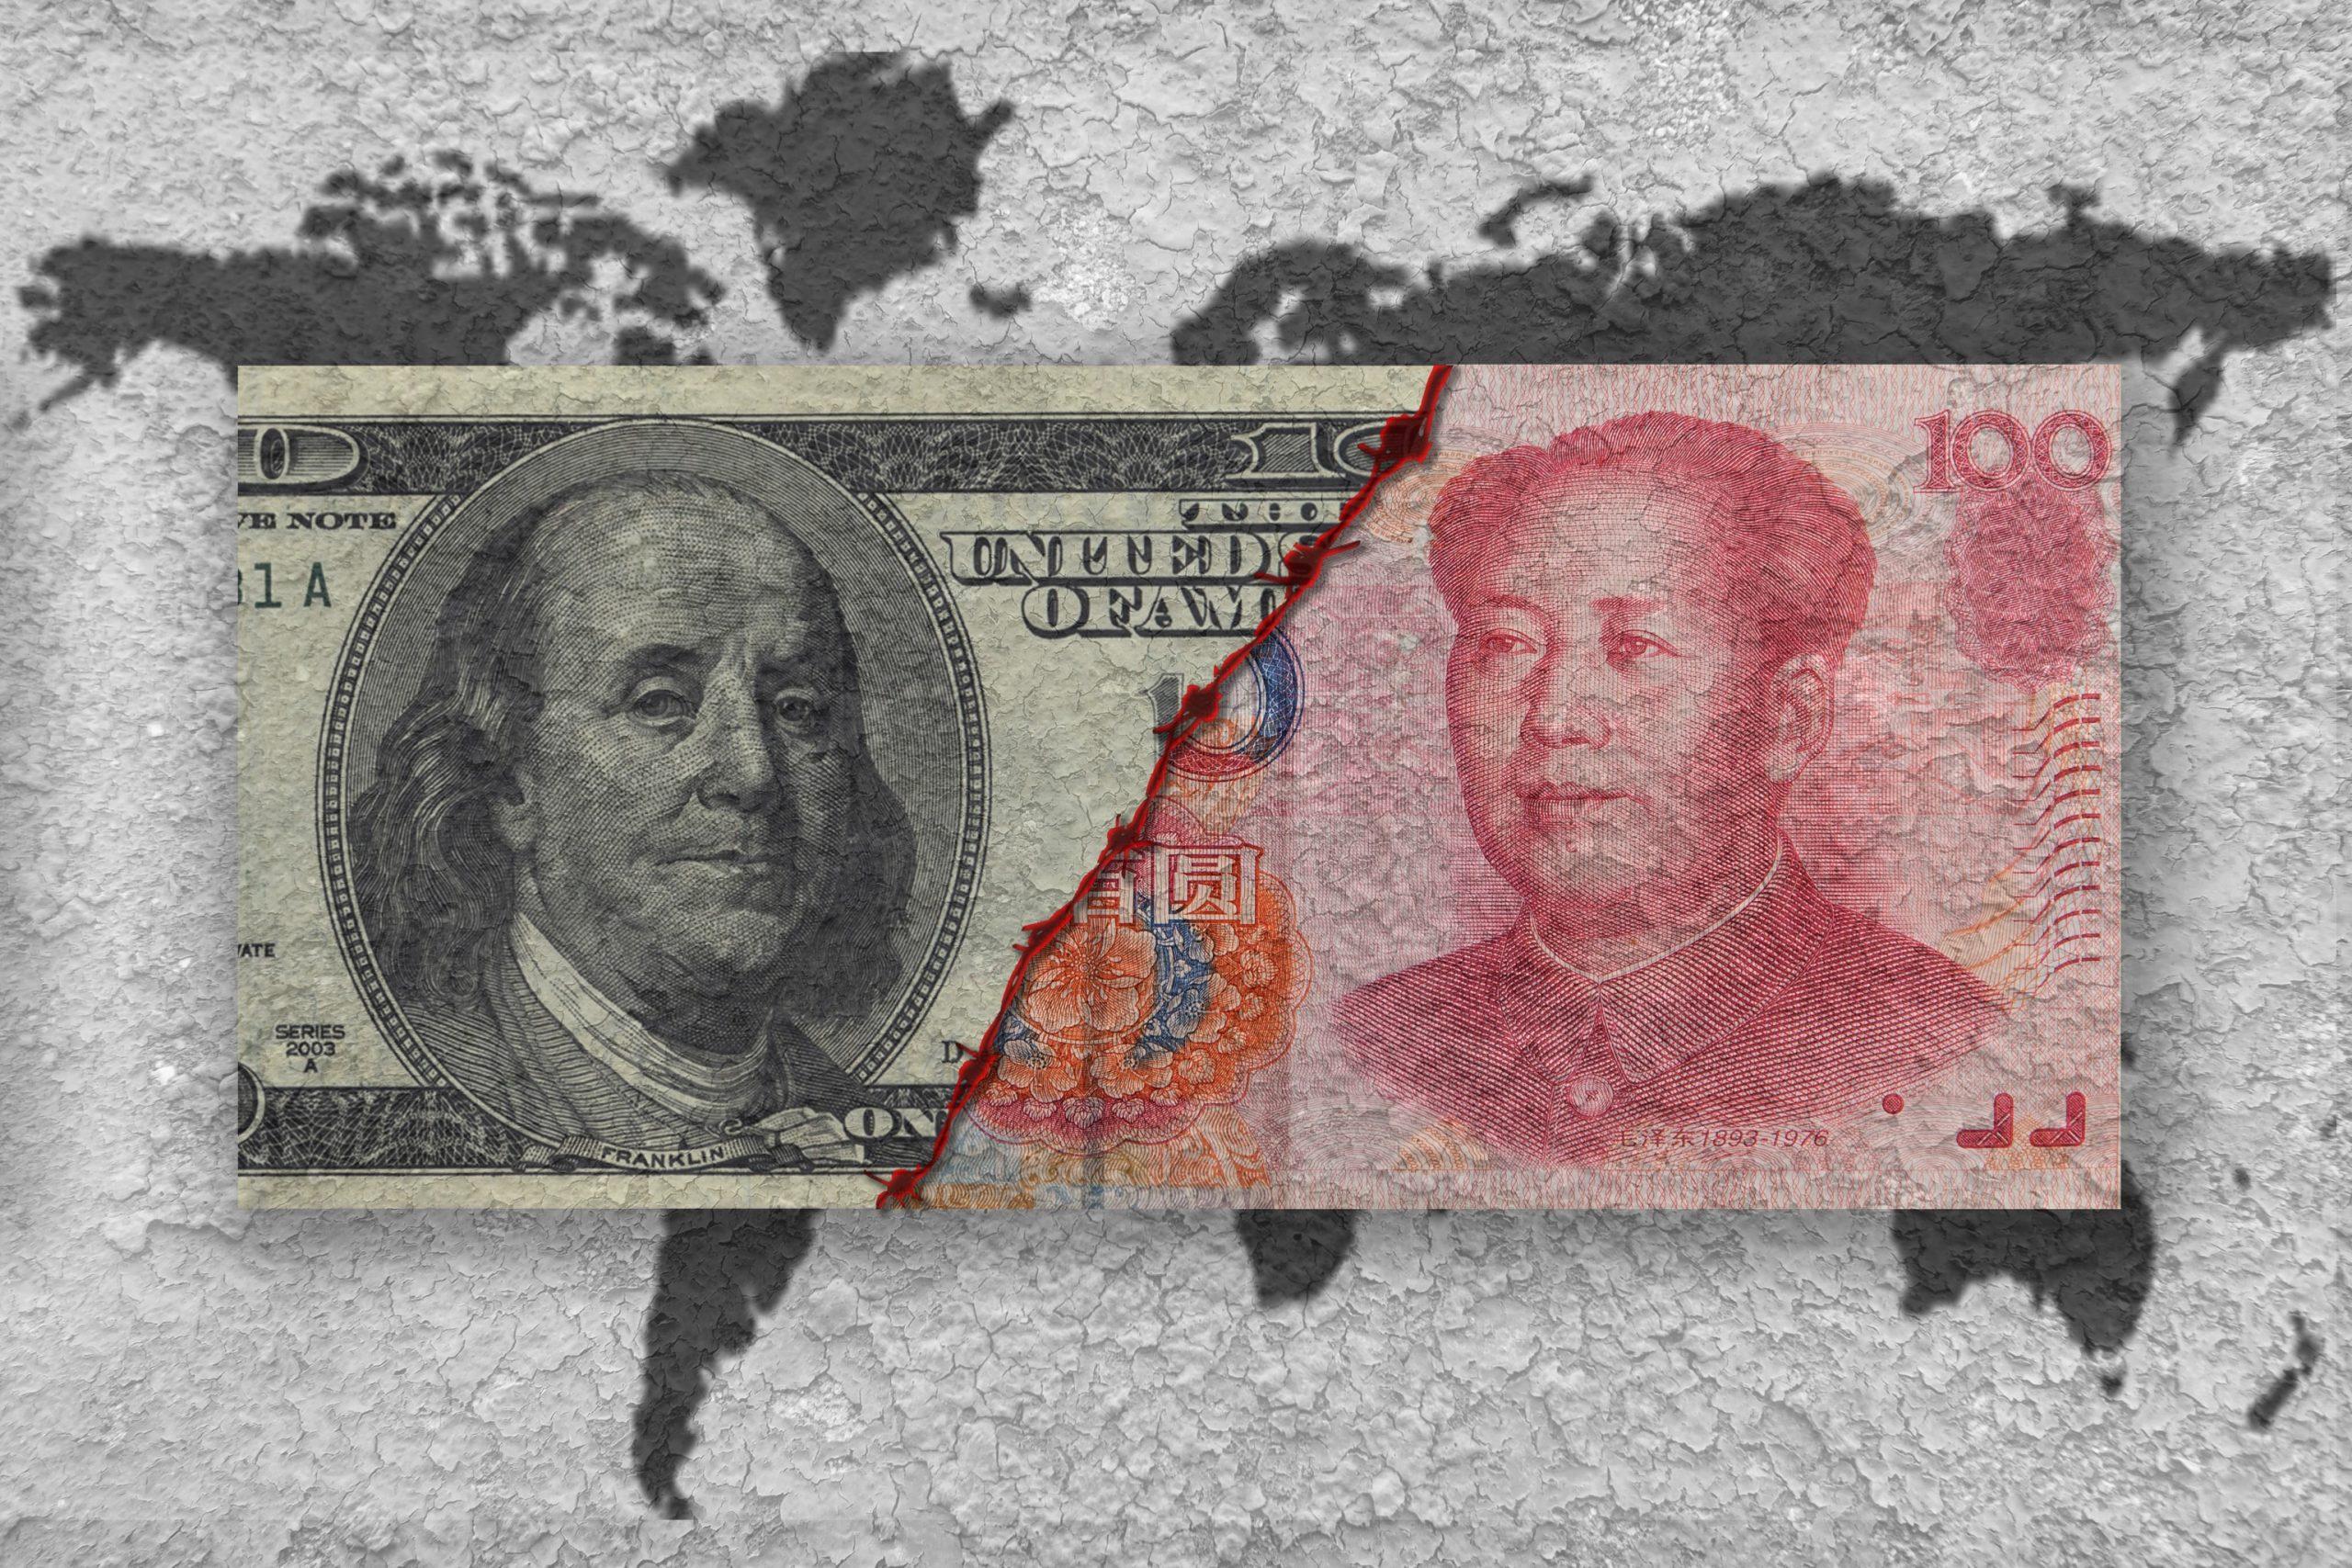 Us-Dollar Banknote vs. Yuan Banknote vor dem Hintergrund einer Weltkarte